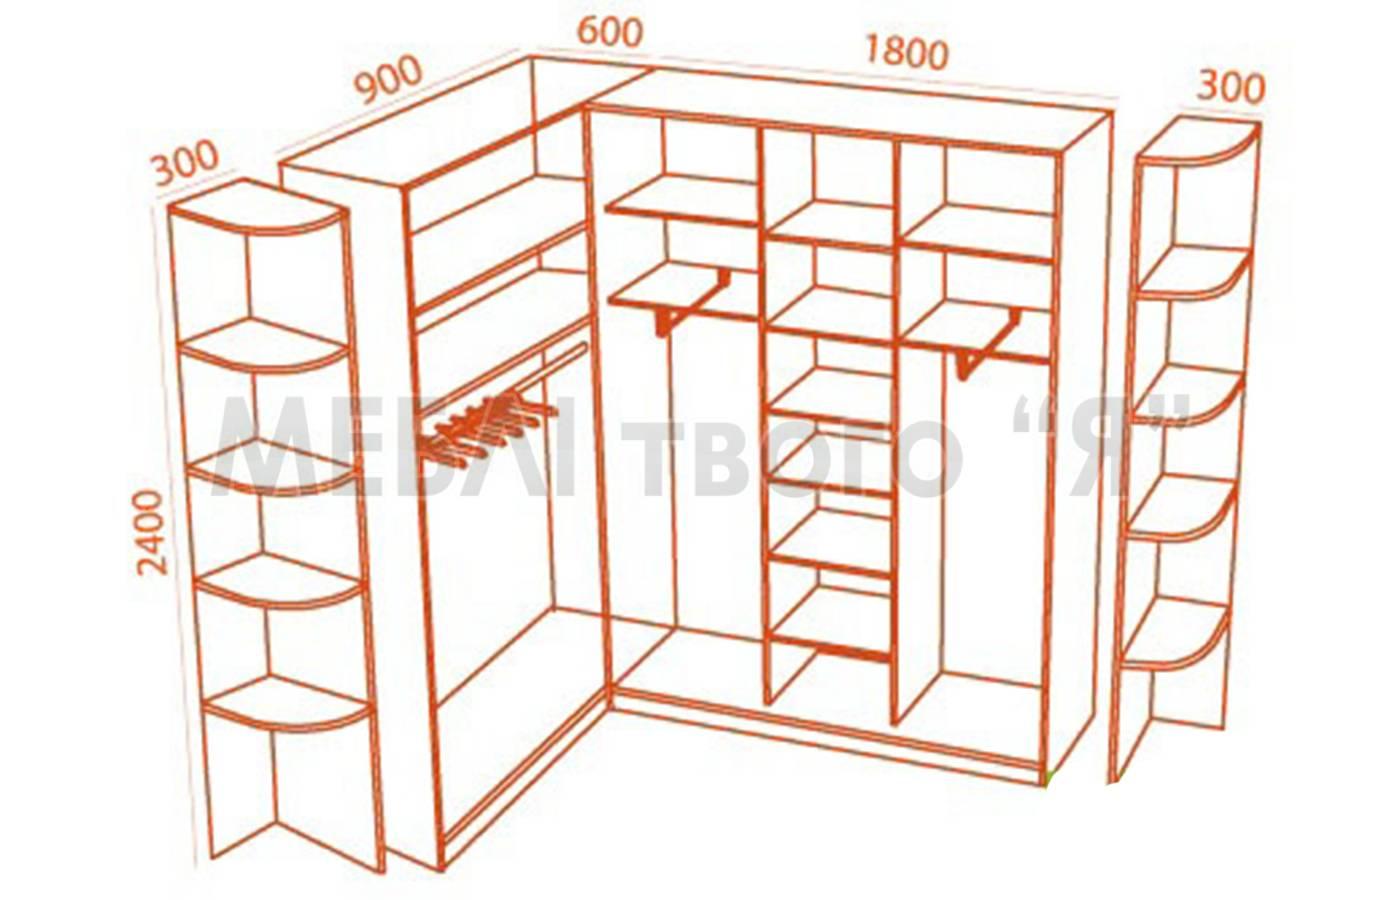 Шкафы угловые для спальни и схемы